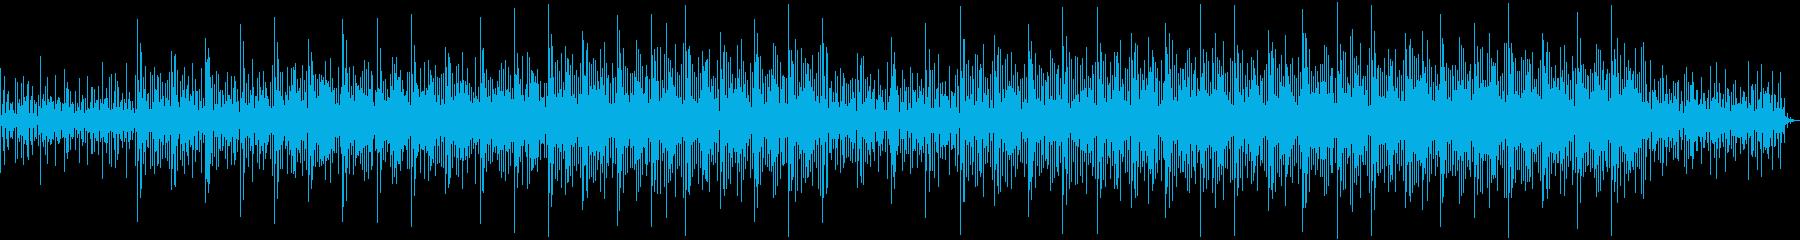 優しいアンビエント系エレクトロニカの再生済みの波形